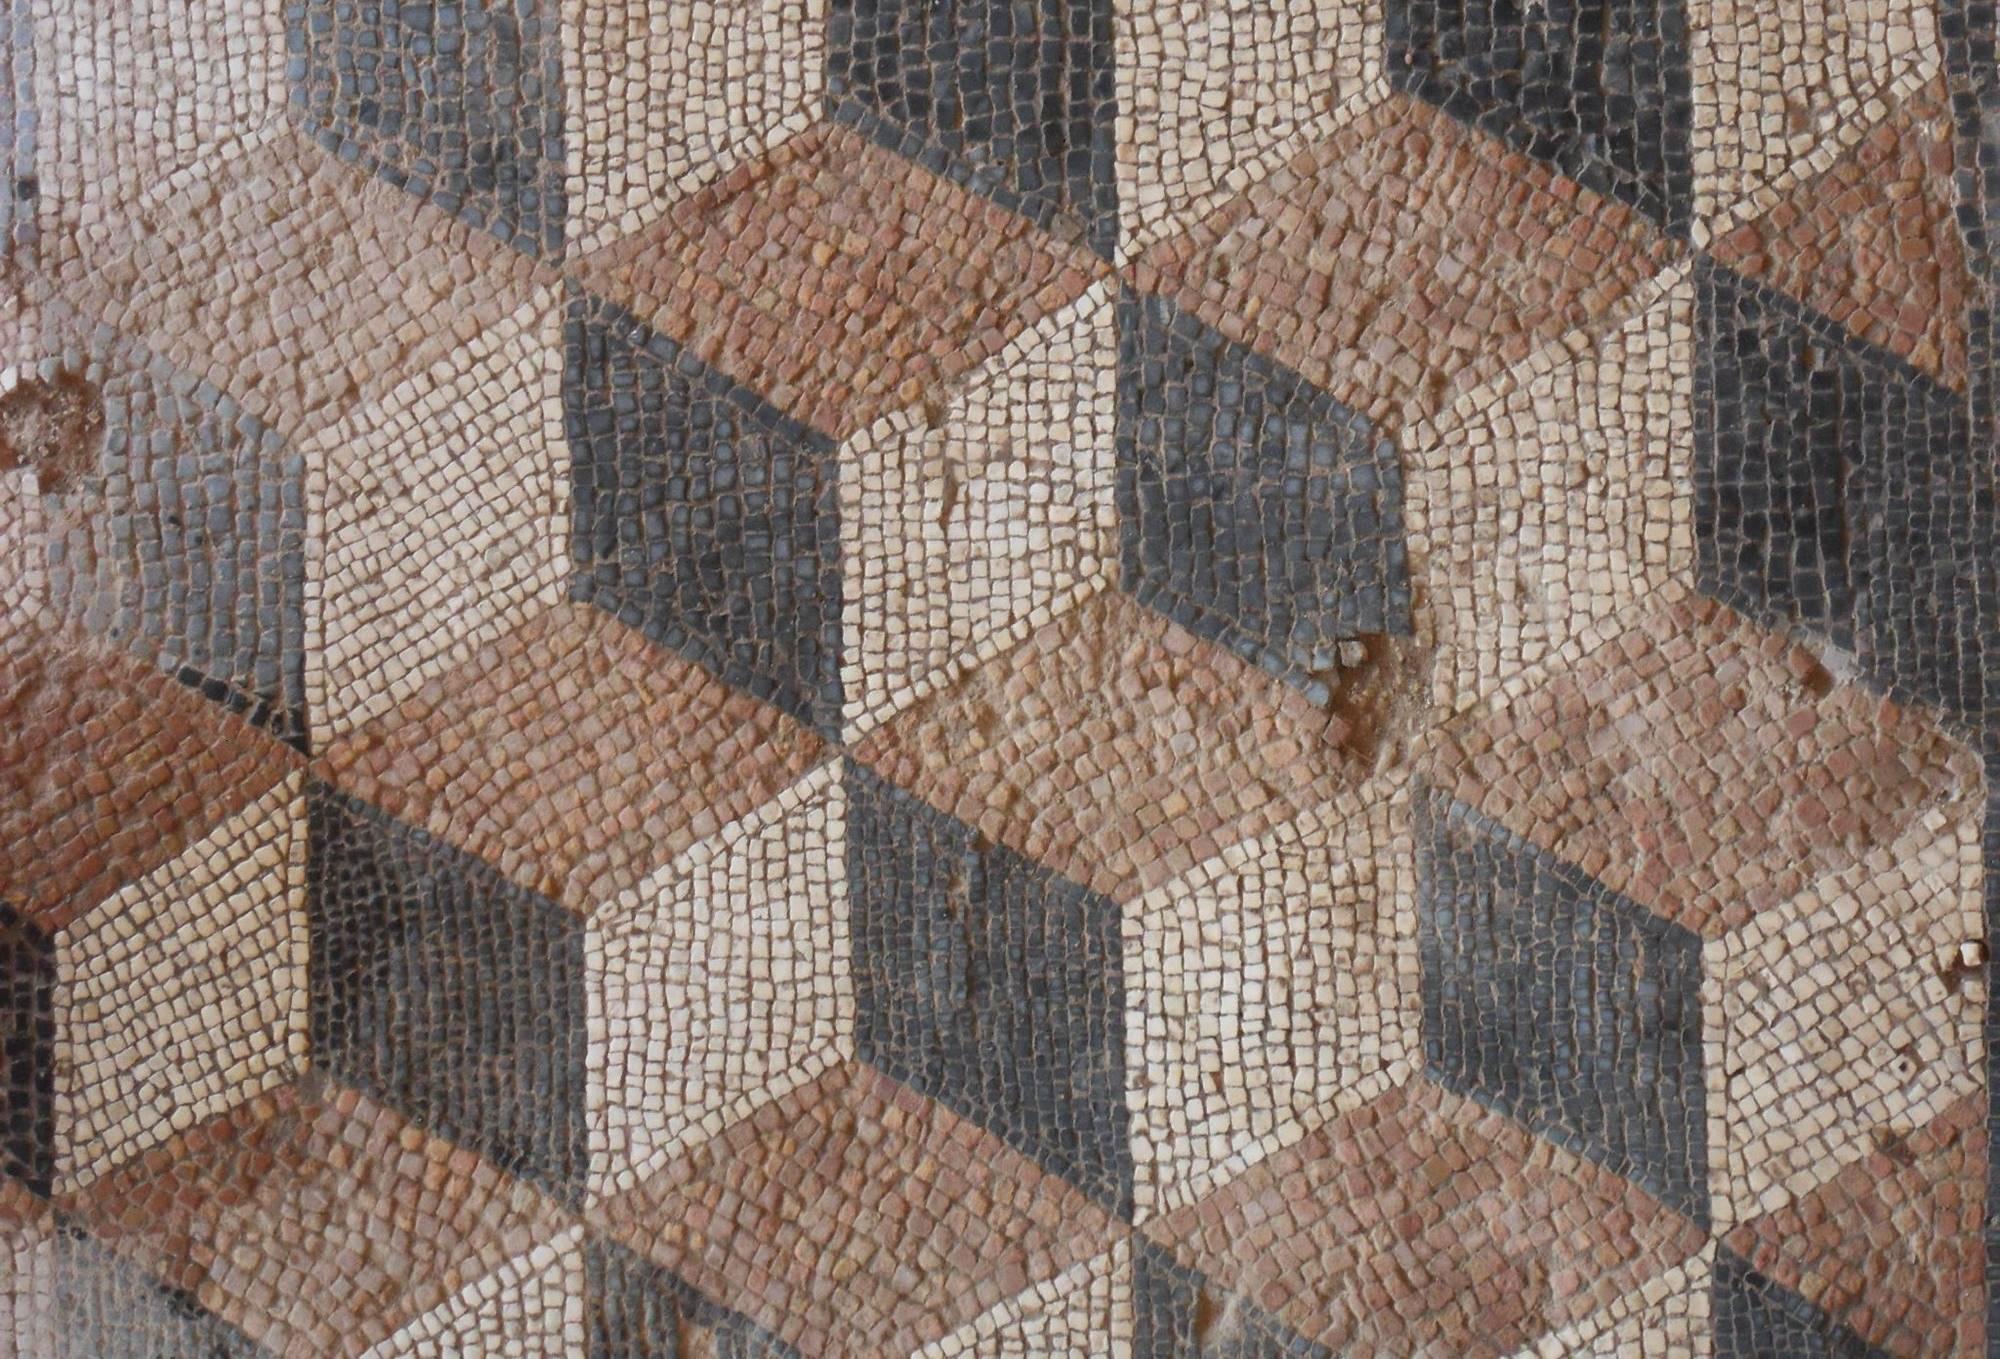 El suelo en mosaico de una de las múltiples ruinas romanas que se pueden encontrar en los pueblos sorianos. Foto: Magna Mater